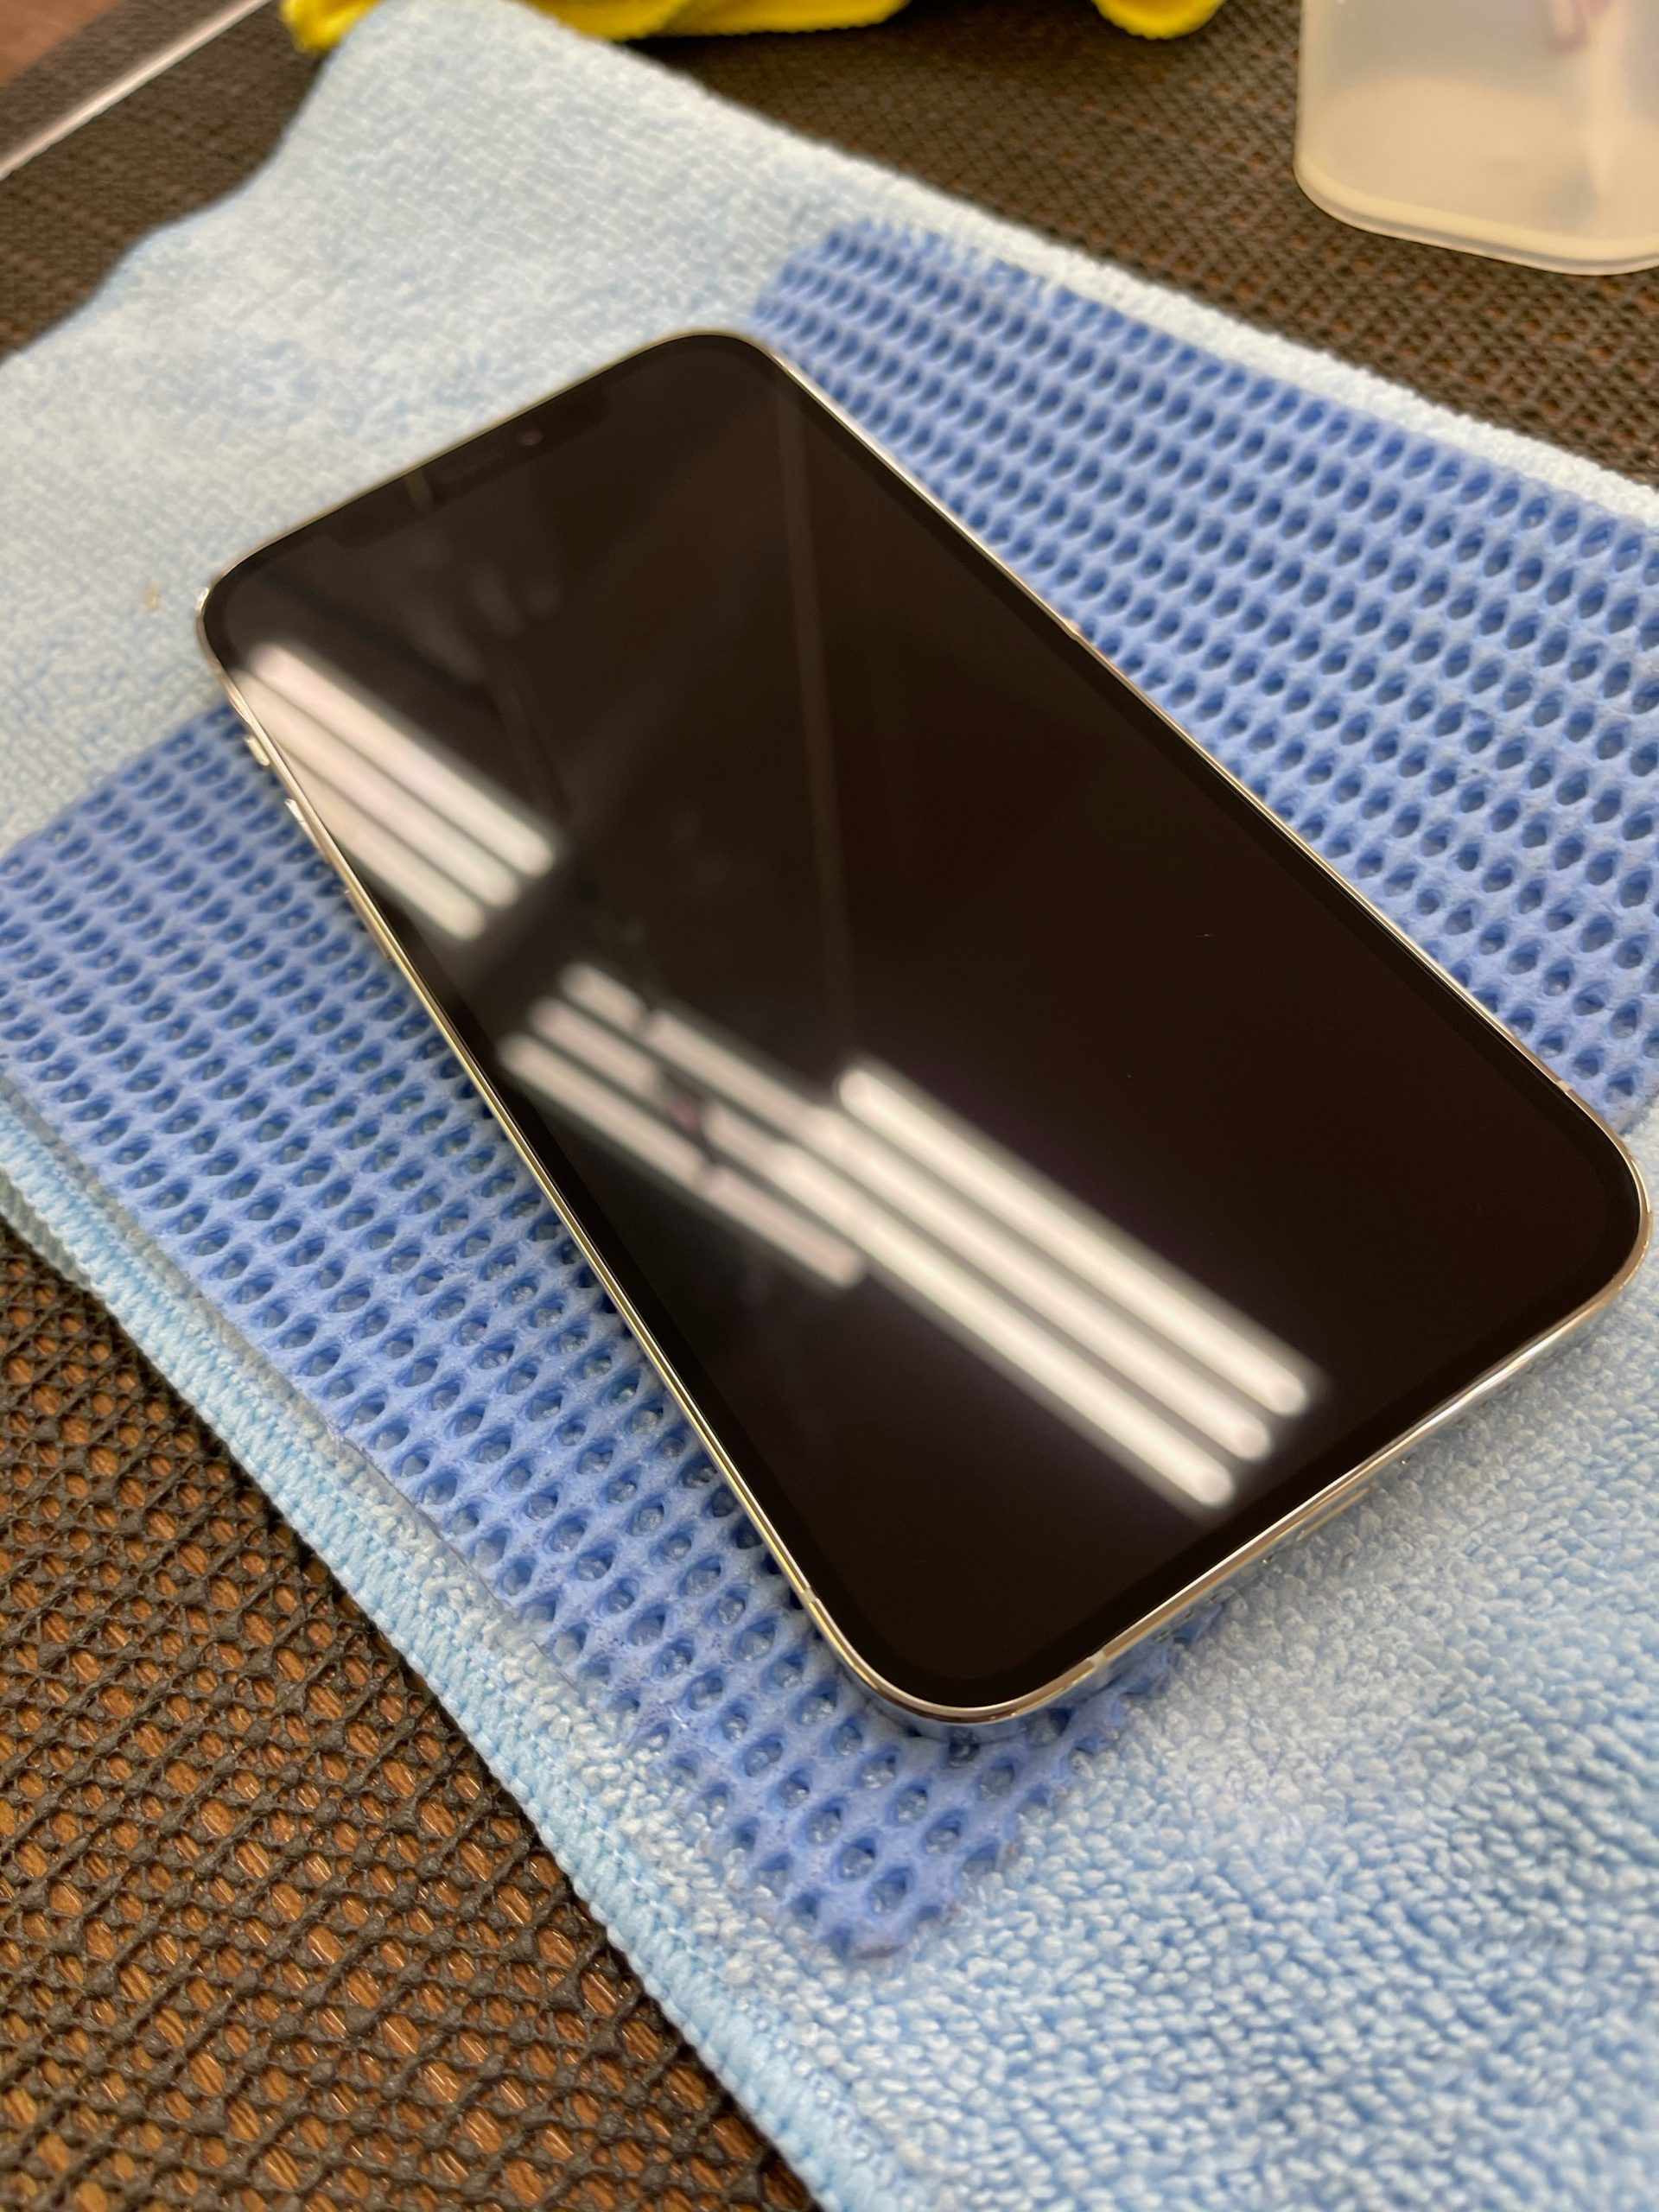 【iPhone12】ガラスコーティングをお願いします。〈佐賀市よりご来店〉